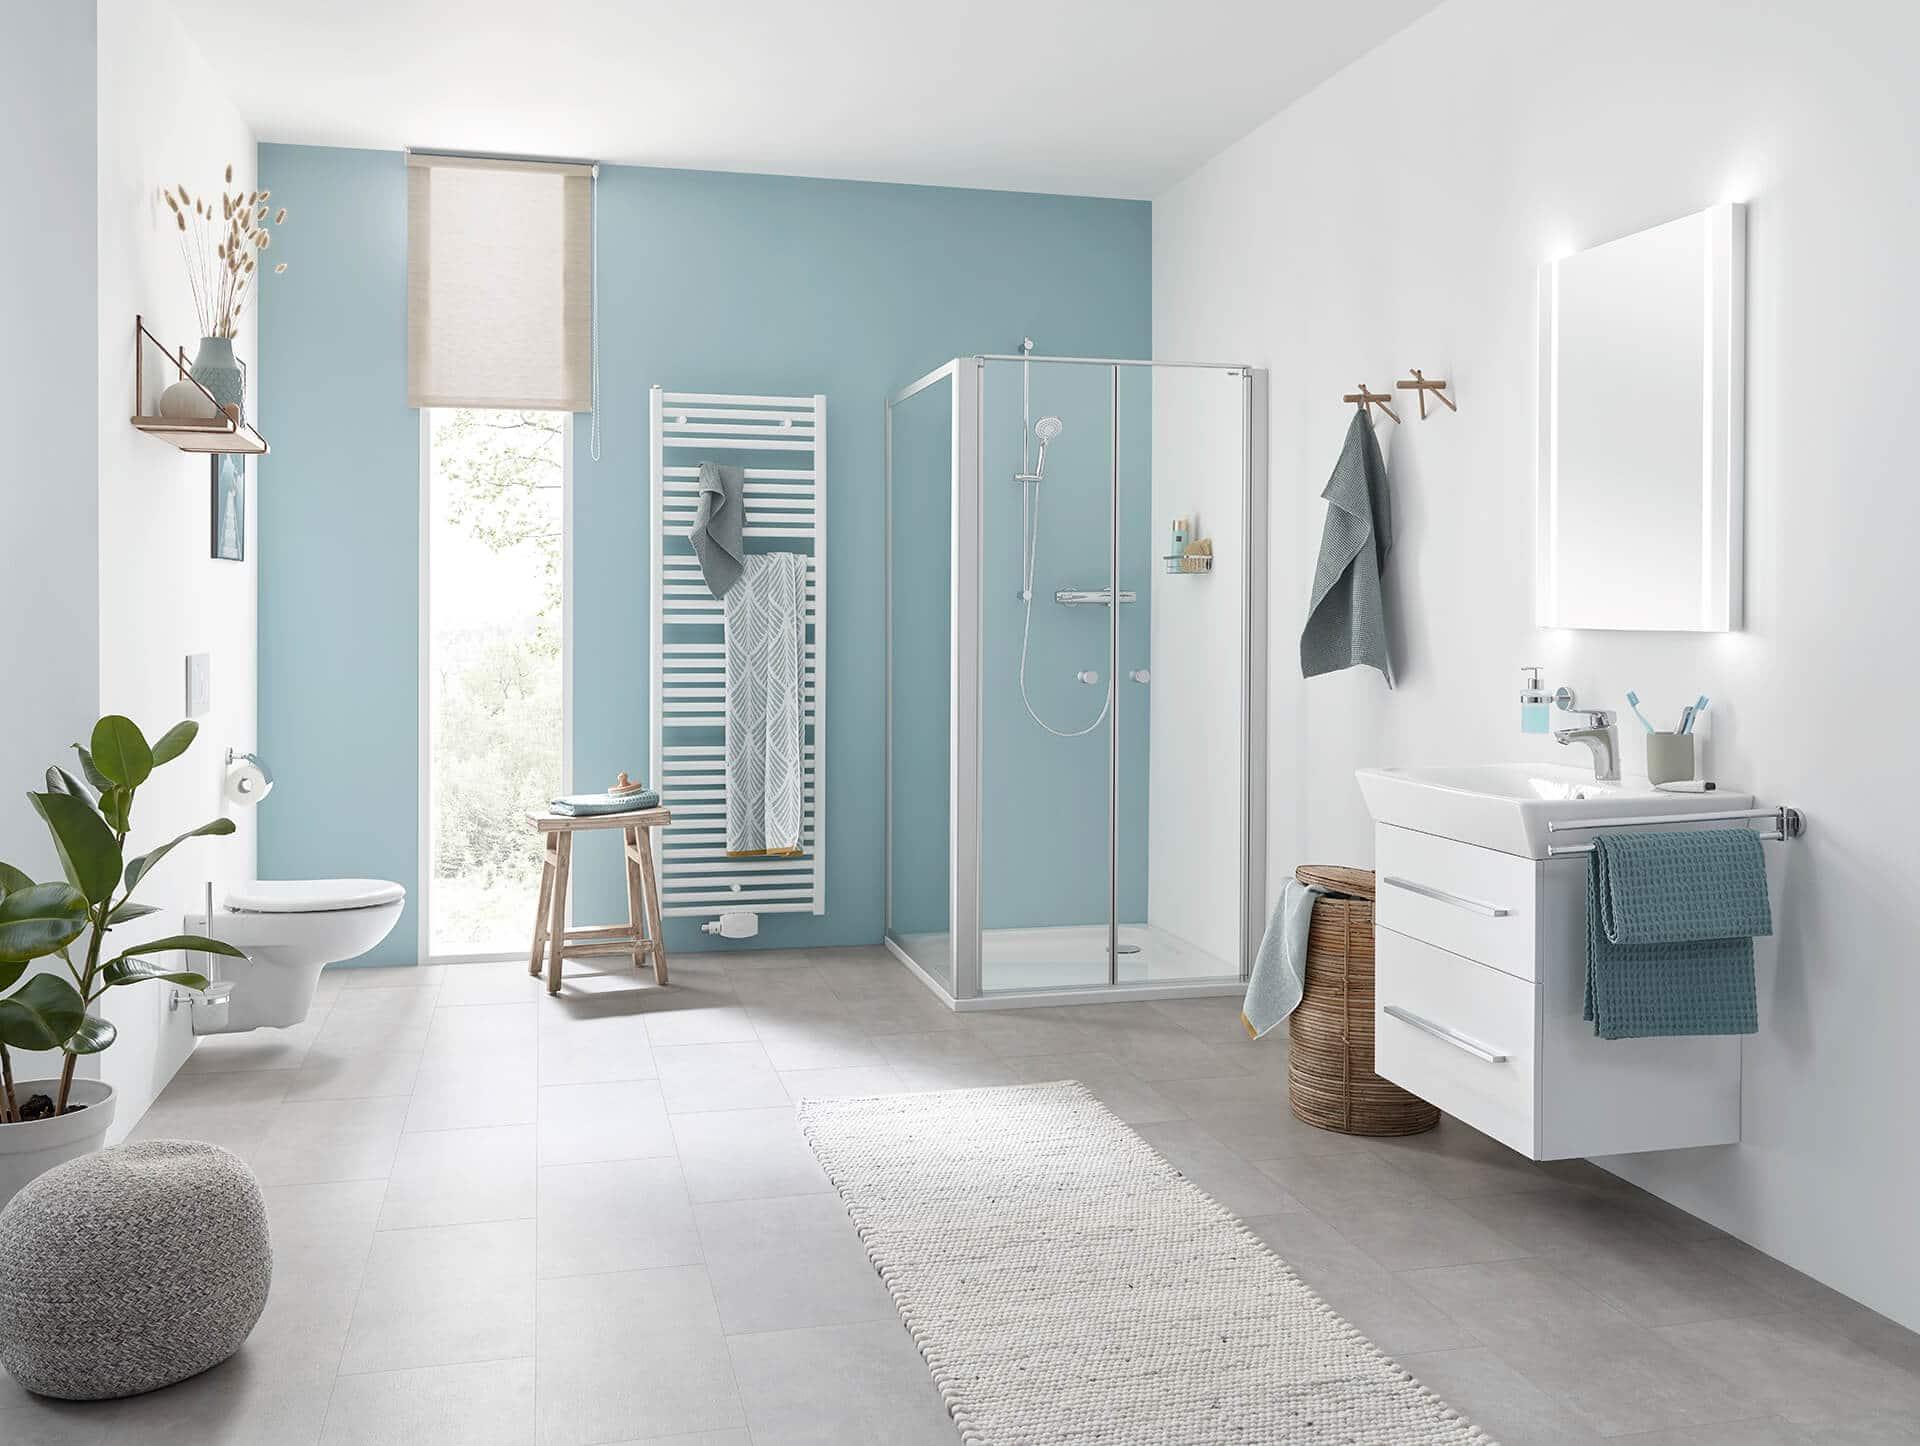 Ihr Bad auf höchstem Design-Niveau